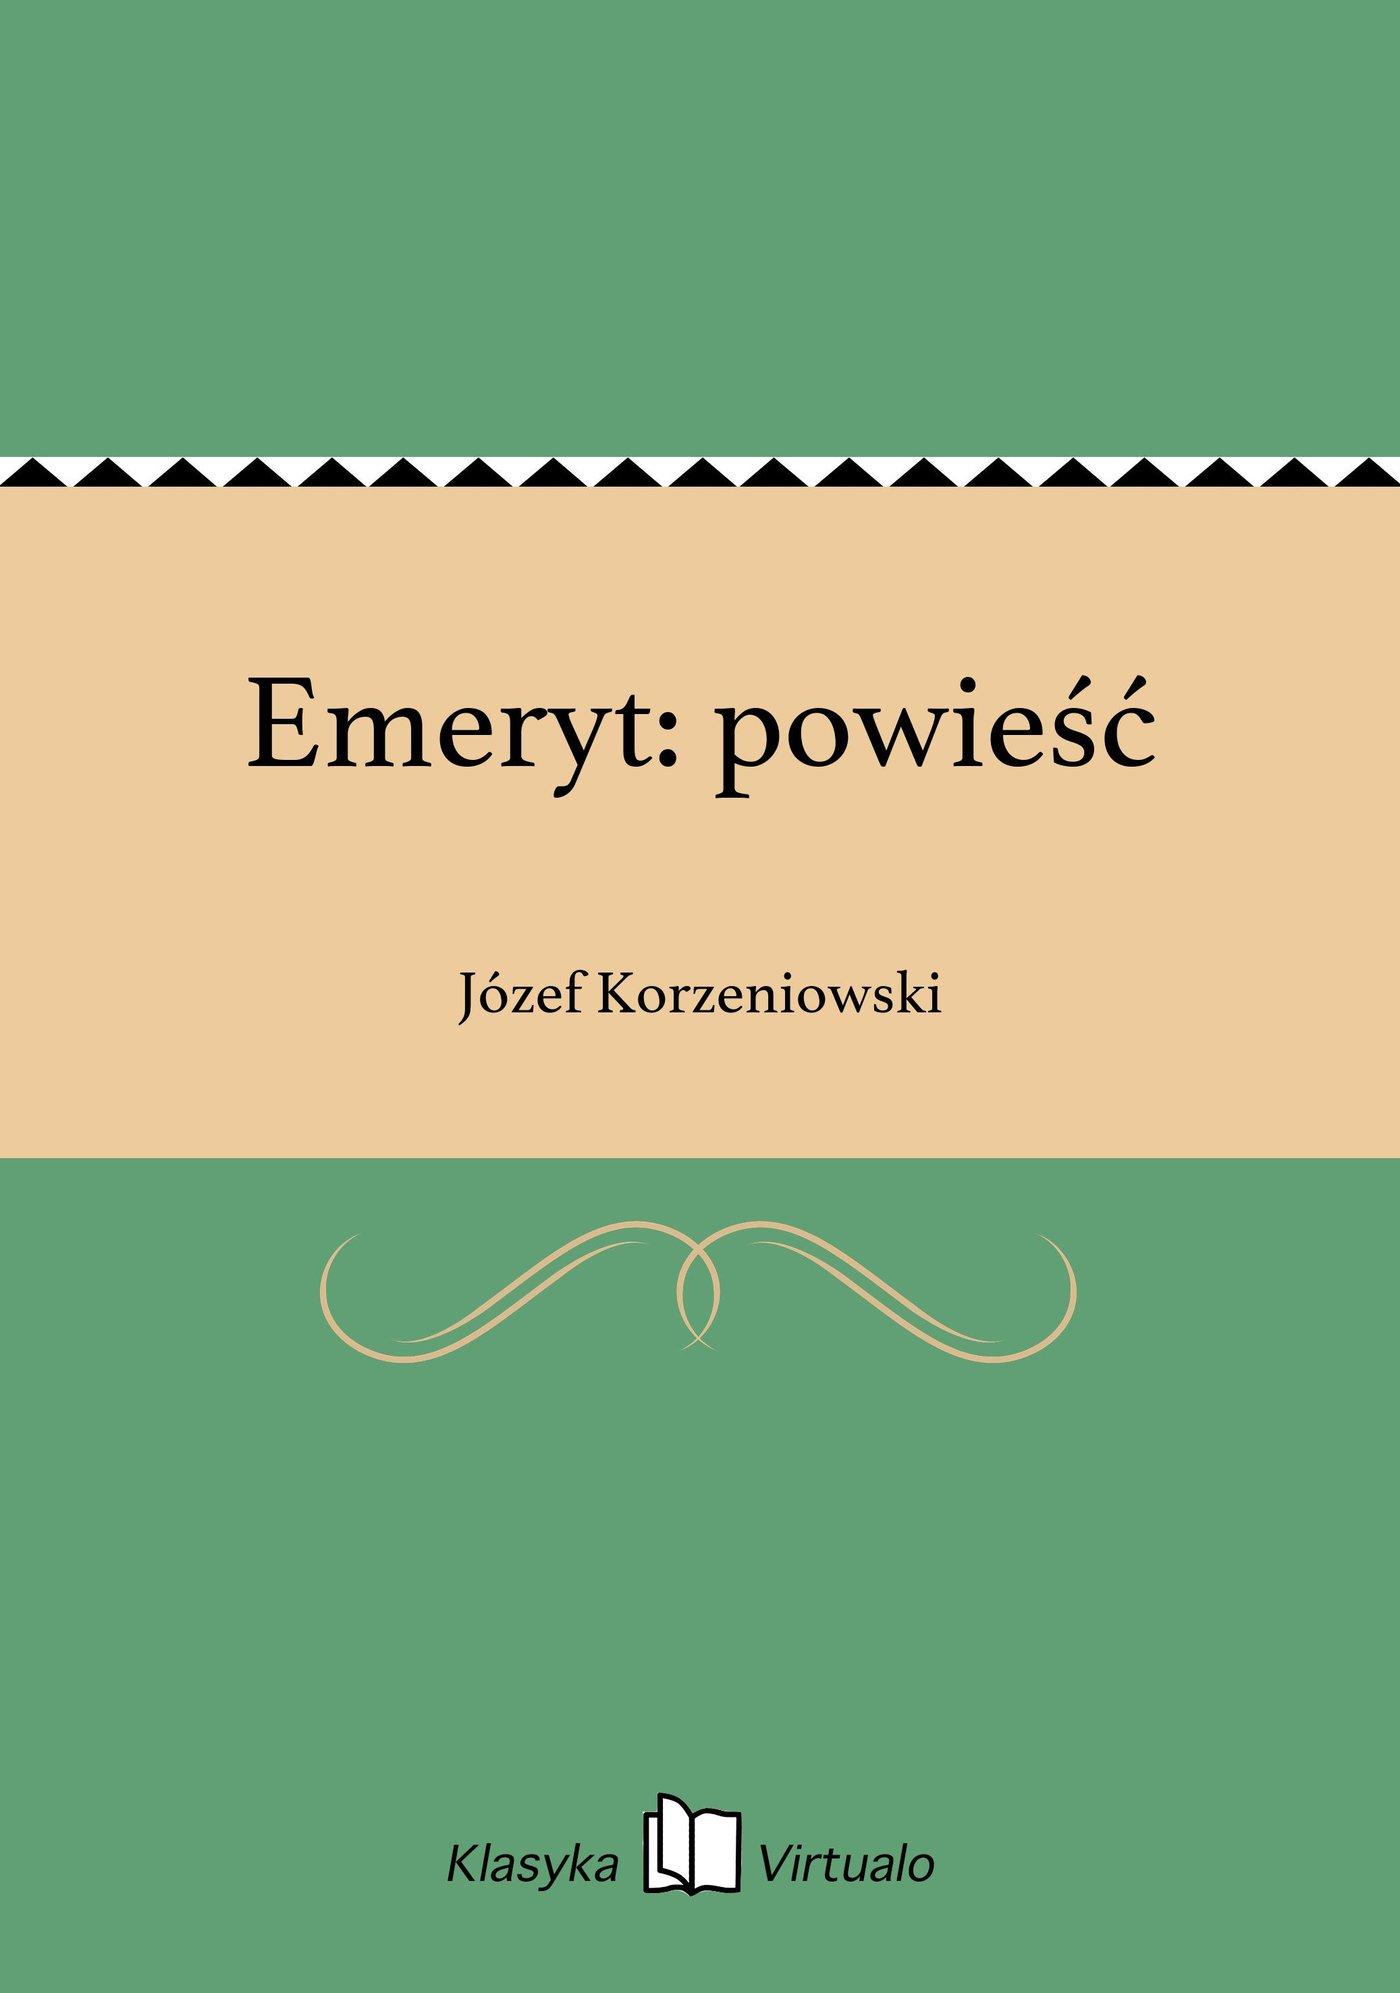 Emeryt: powieść - Ebook (Książka EPUB) do pobrania w formacie EPUB